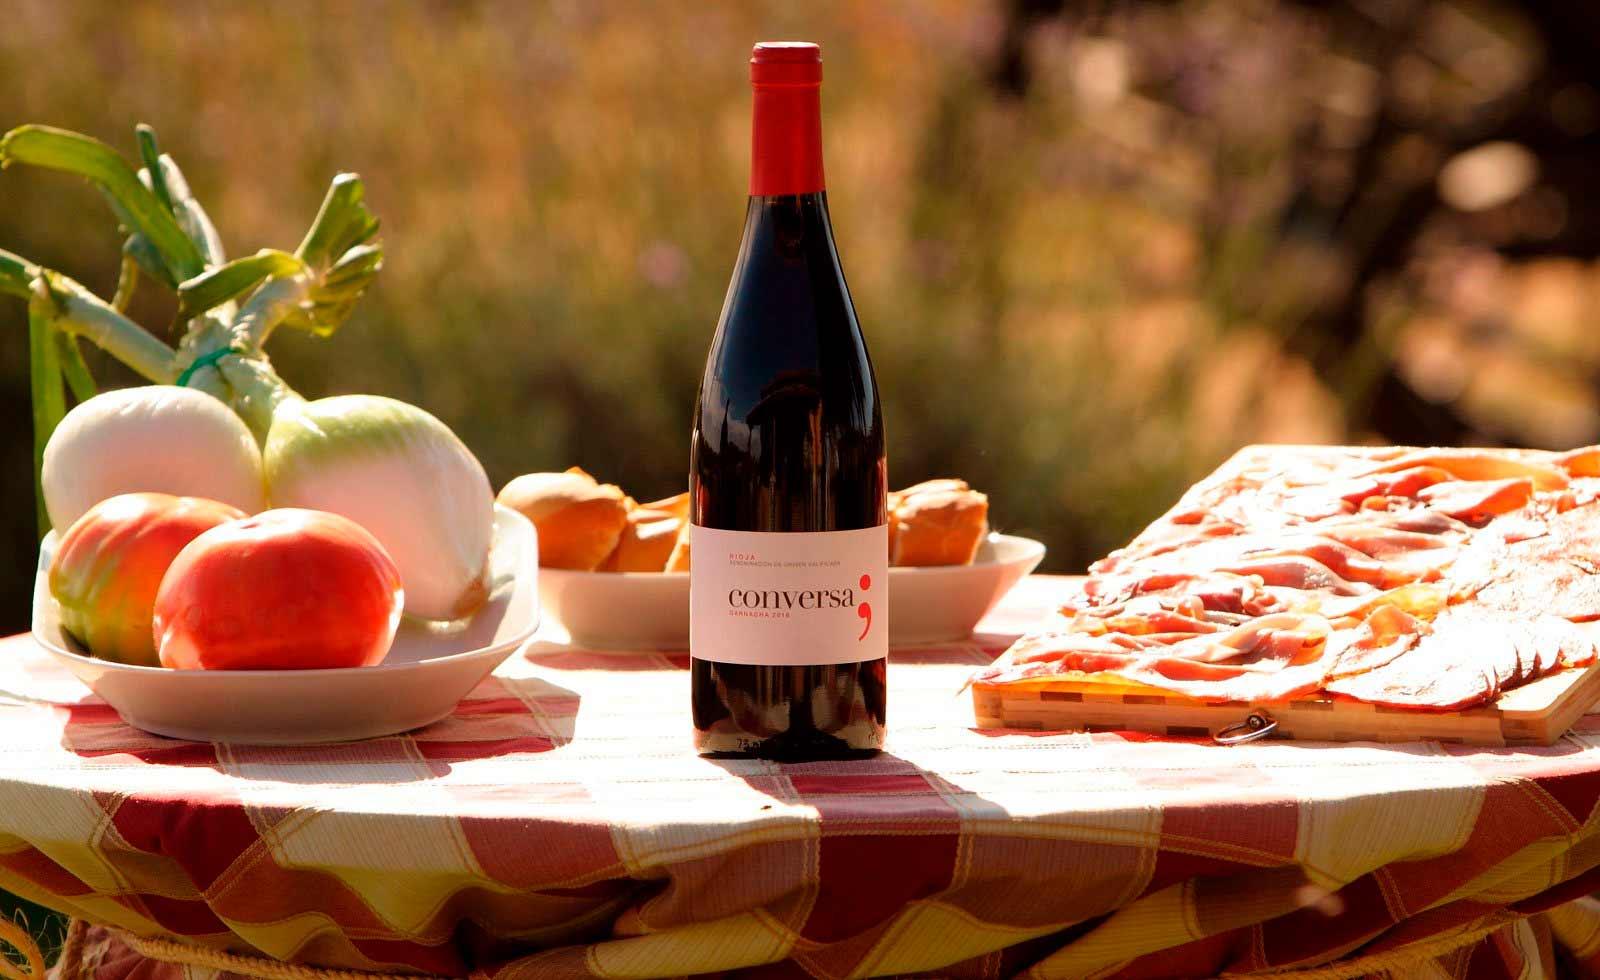 Comprar vino Rioja Conversa Garnacha tinto de Finca Vistahermosa